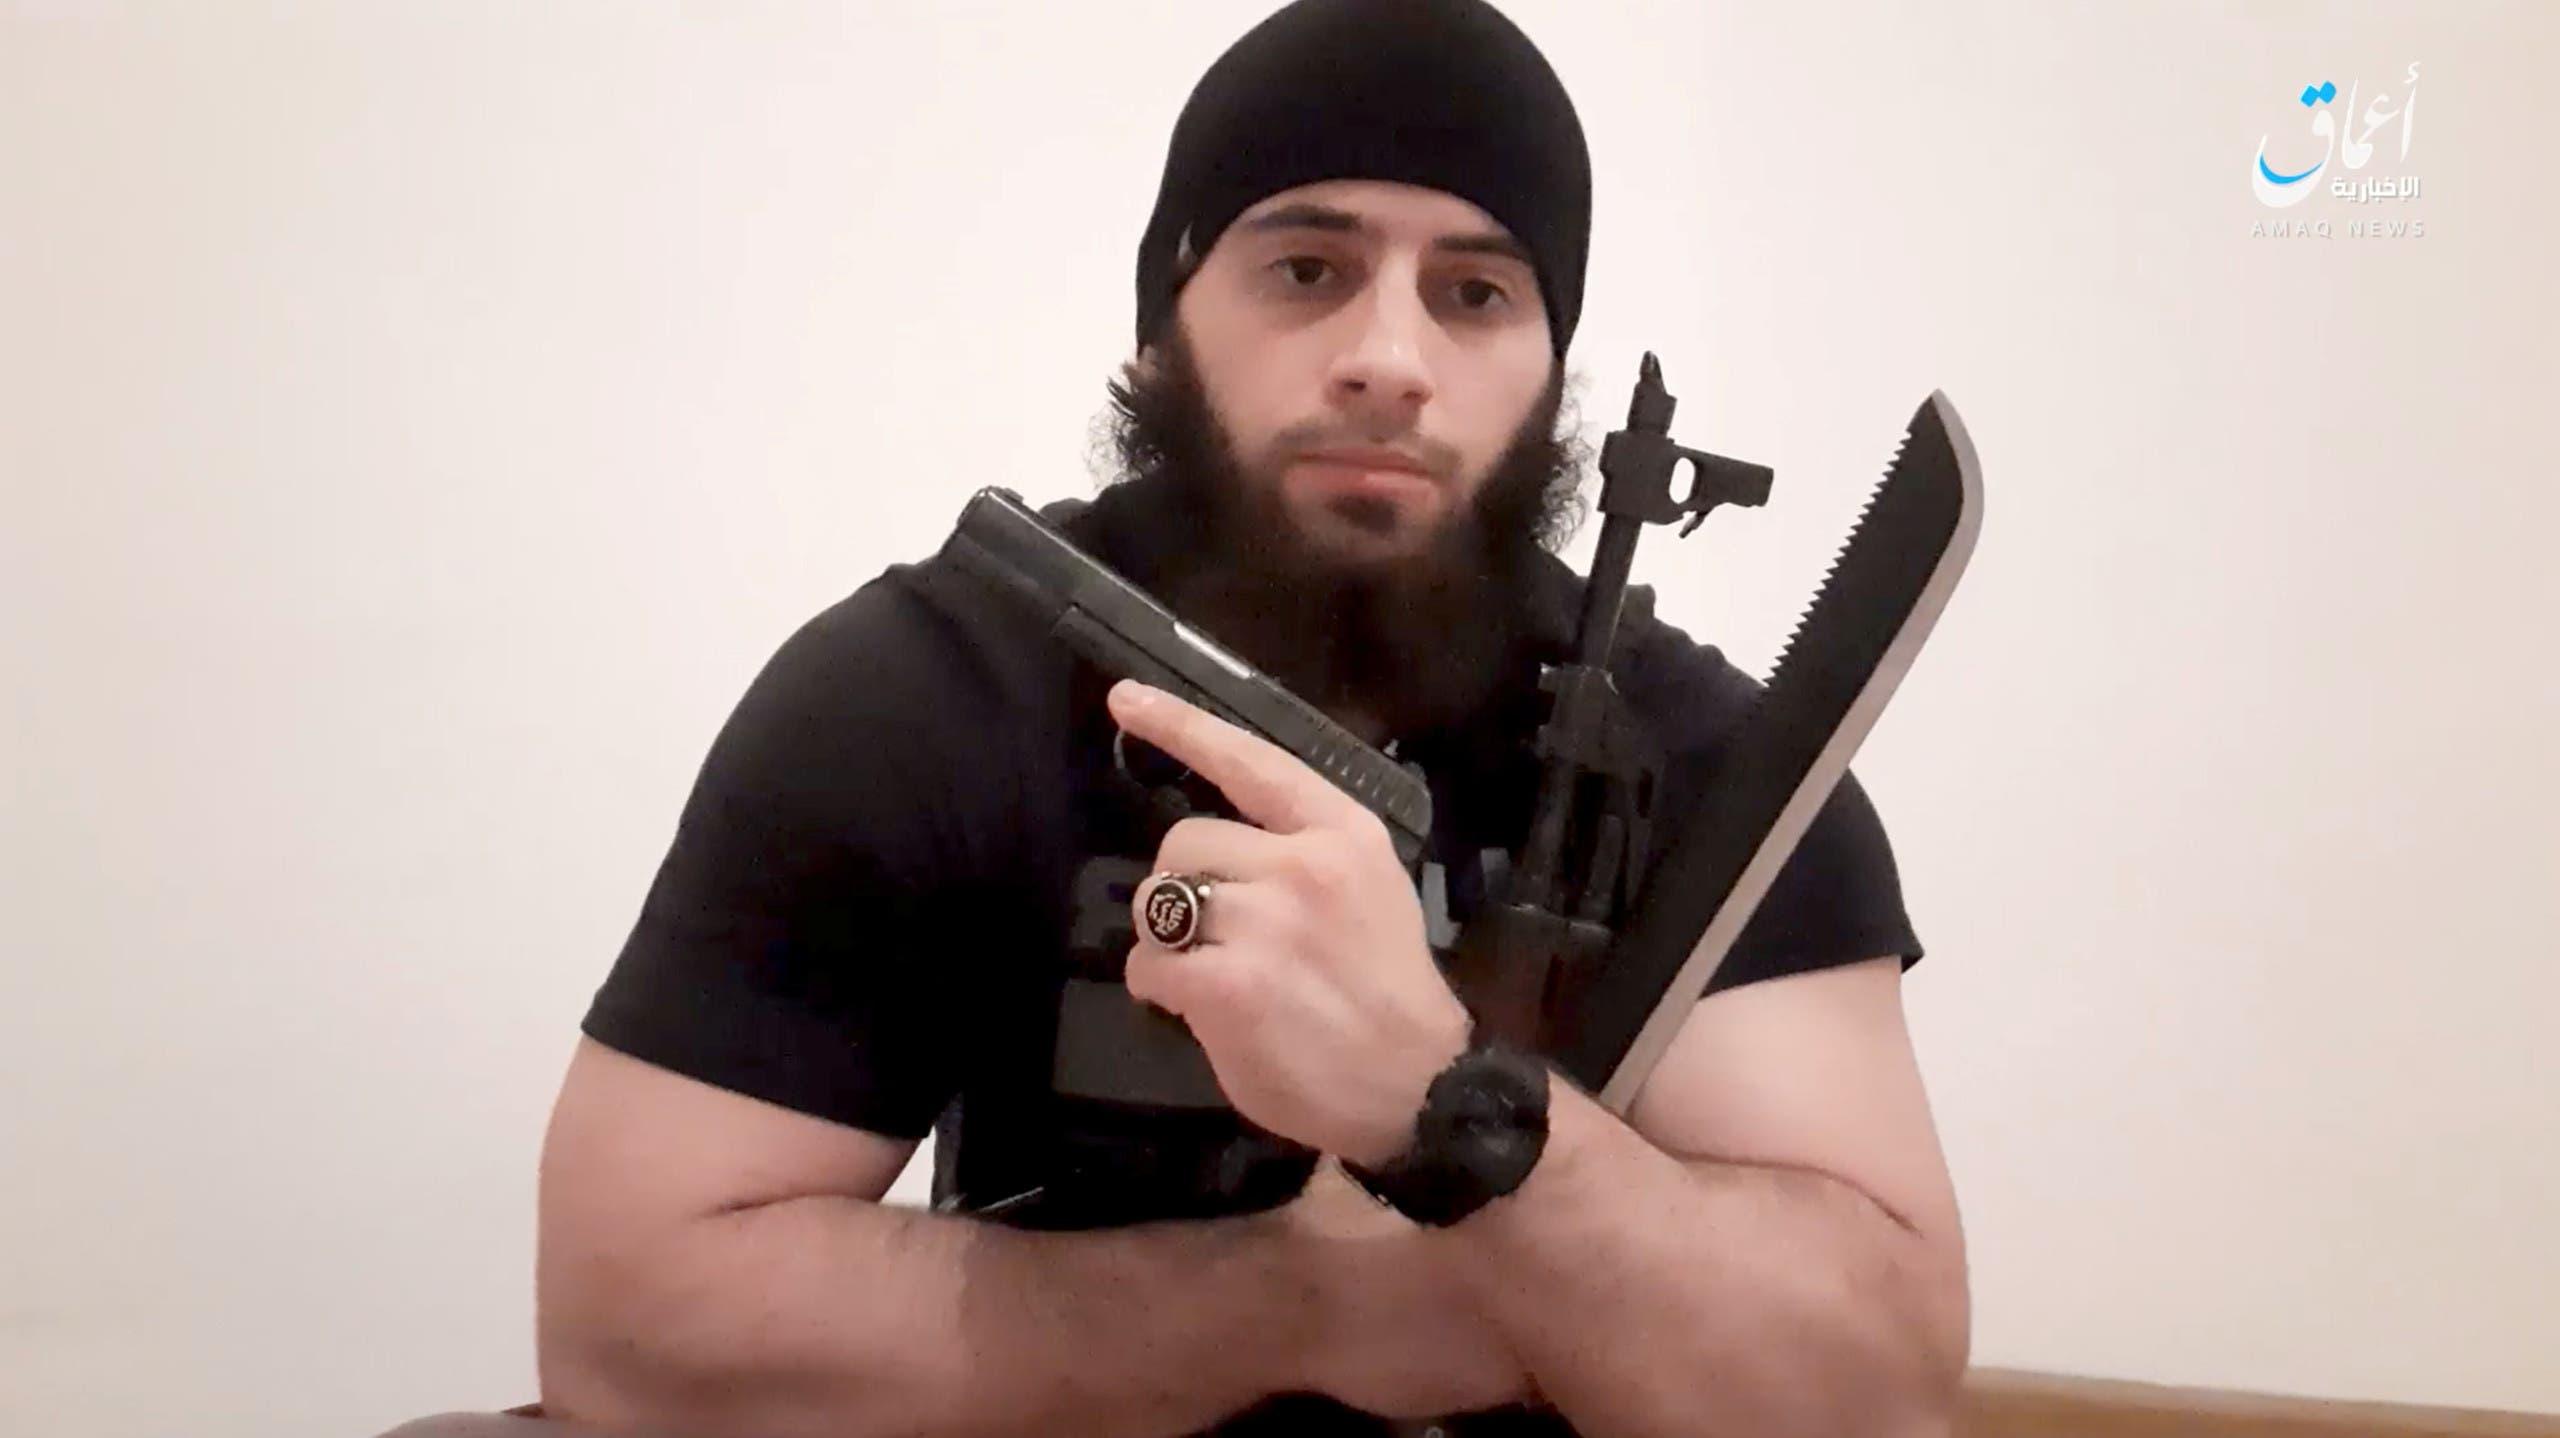 منفذ هجوم فيينا أبو دجانة الألباني